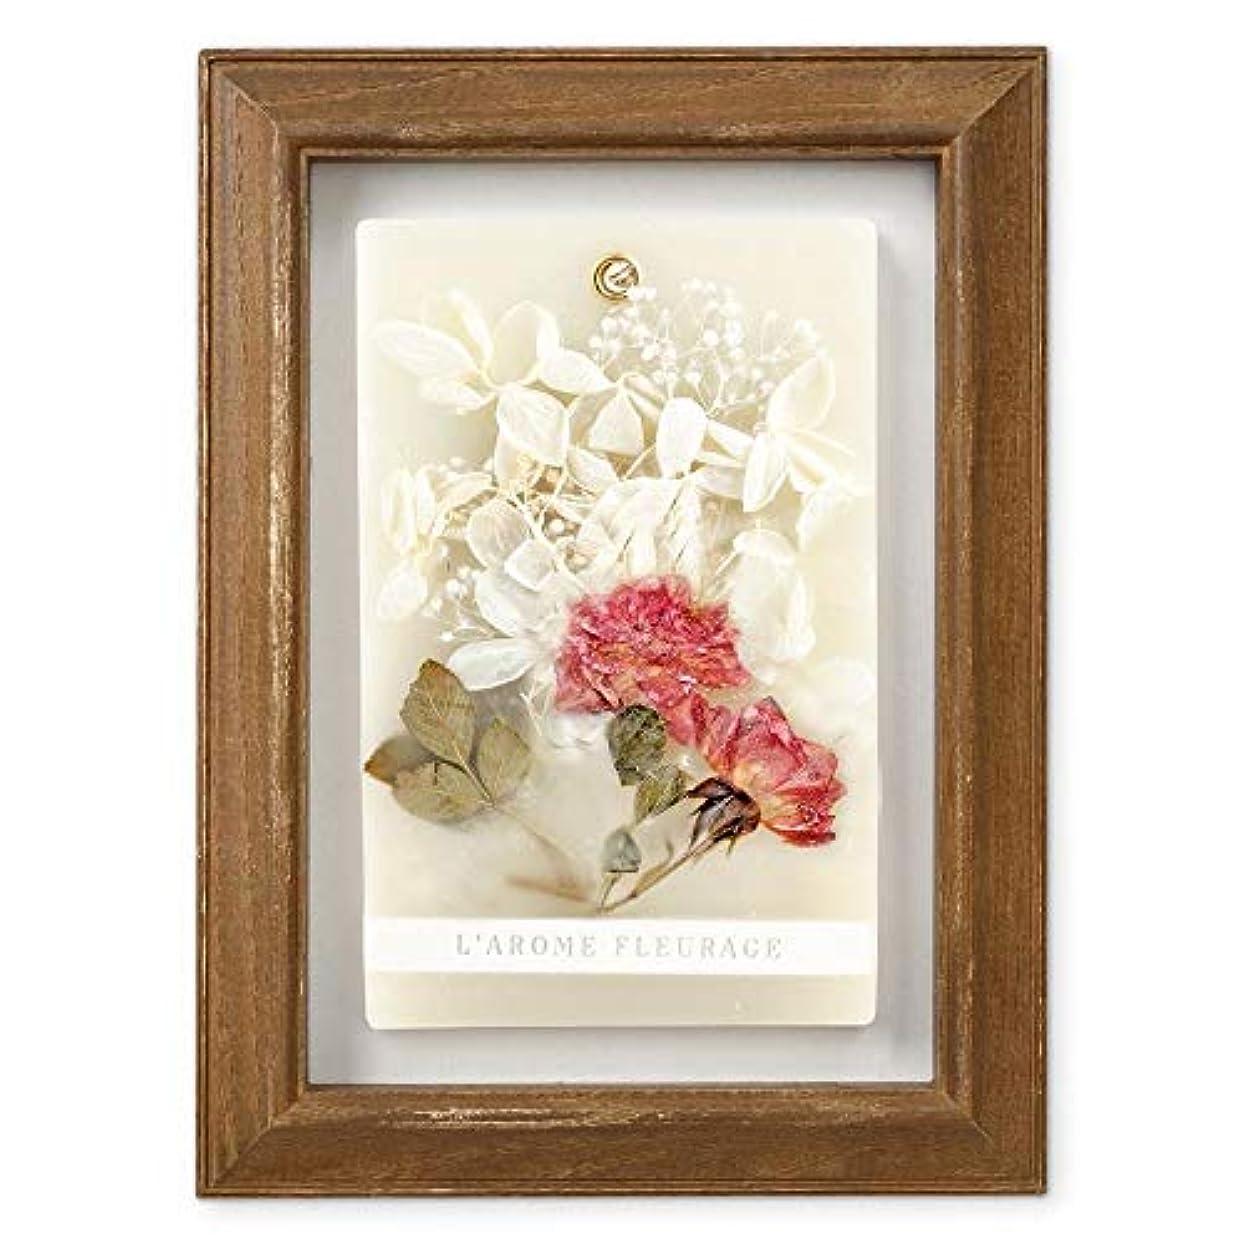 資源抱擁眼FLEURAGE(フルラージュ) アロマワックスサシェ ワイルドローズの香り Rose×AntiqueBrown KH-61122